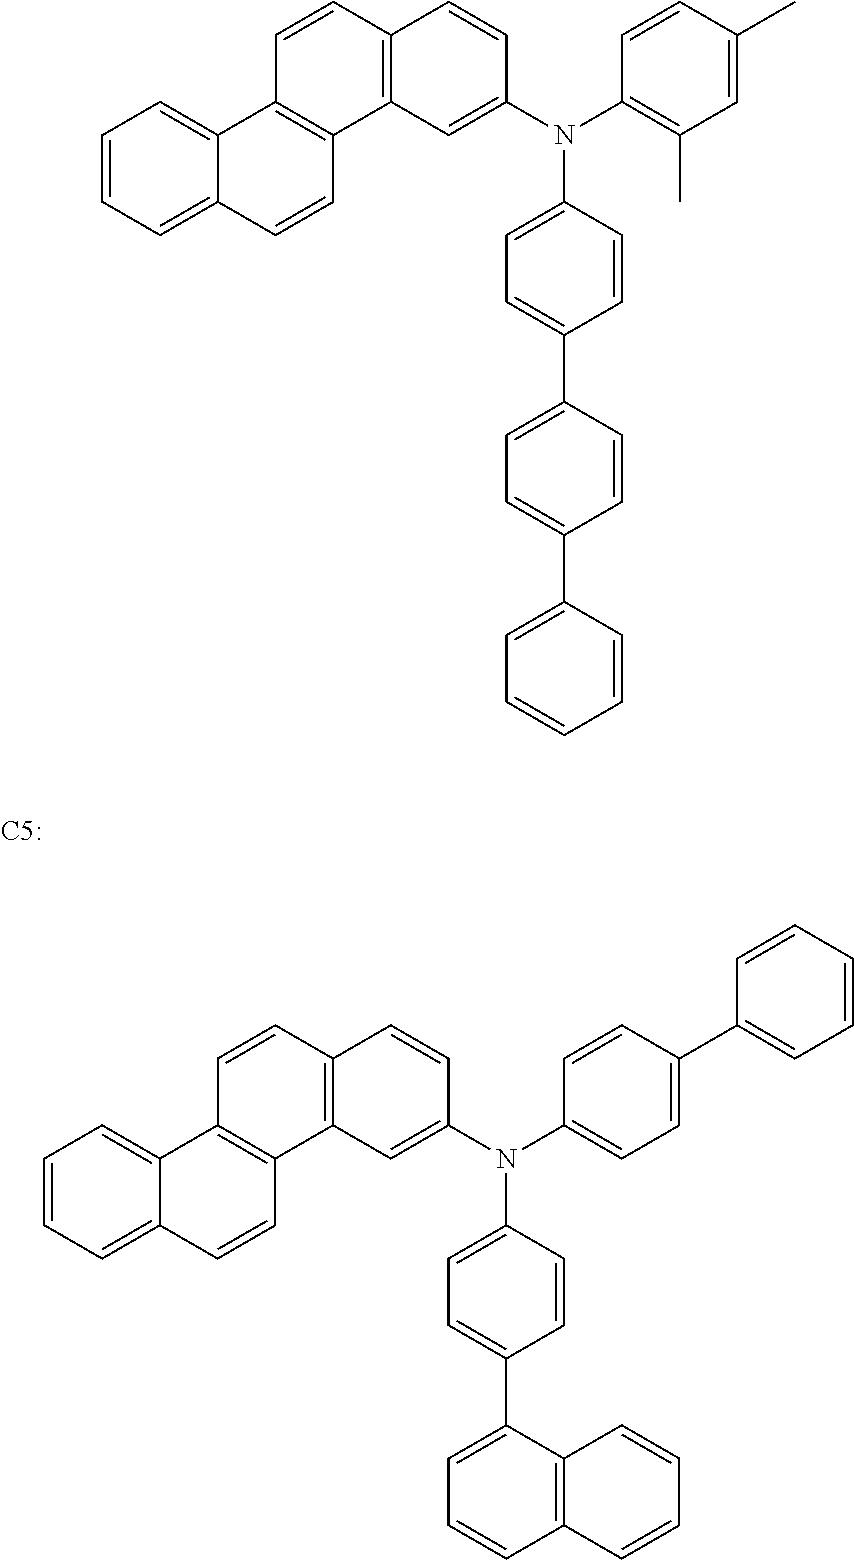 Figure US20110037381A1-20110217-C00010